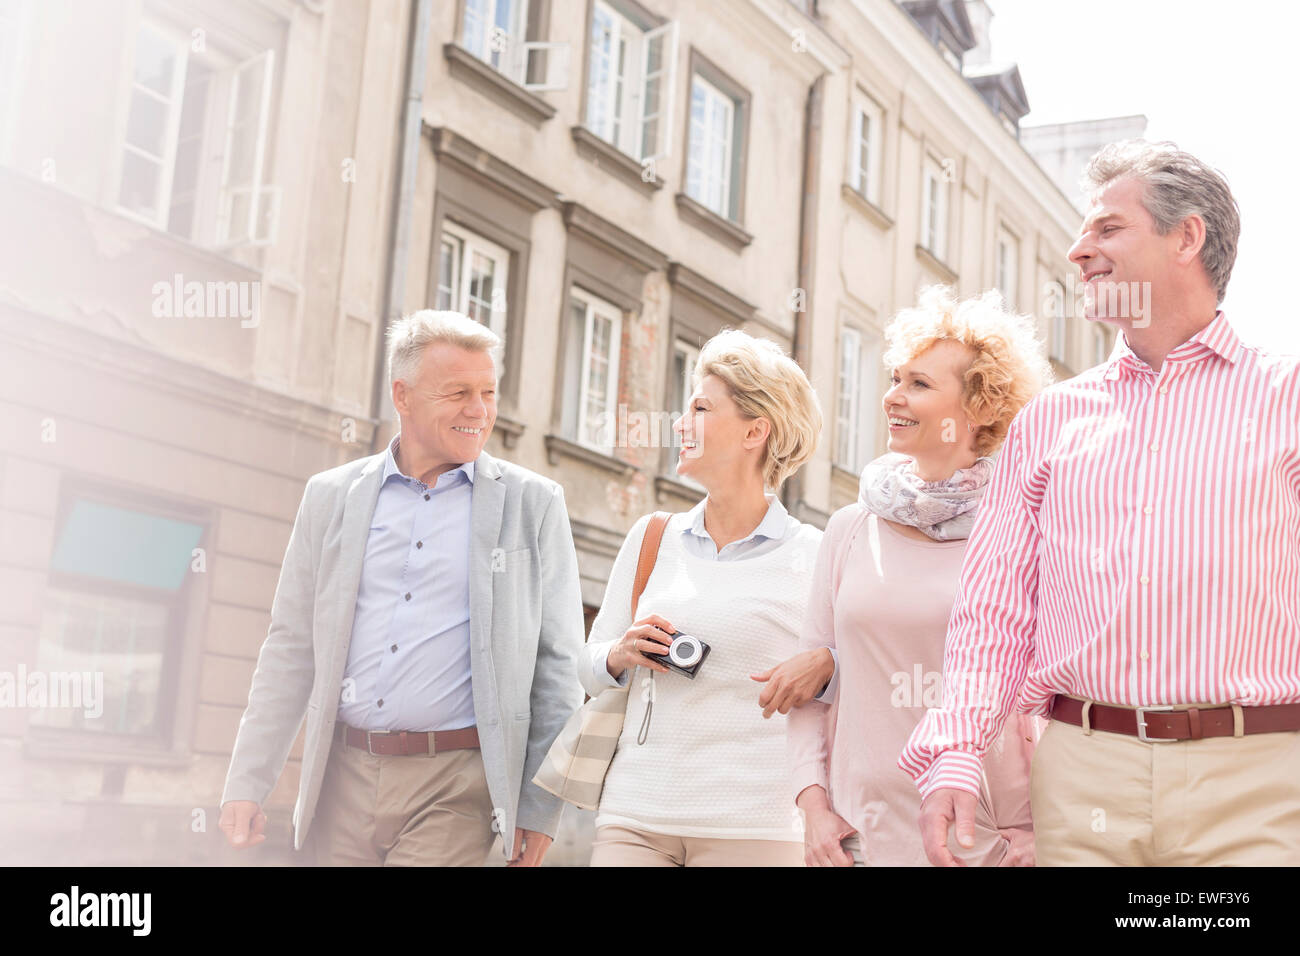 Glückliche Freunde sprechen während des Gehens in Stadt Stockfoto